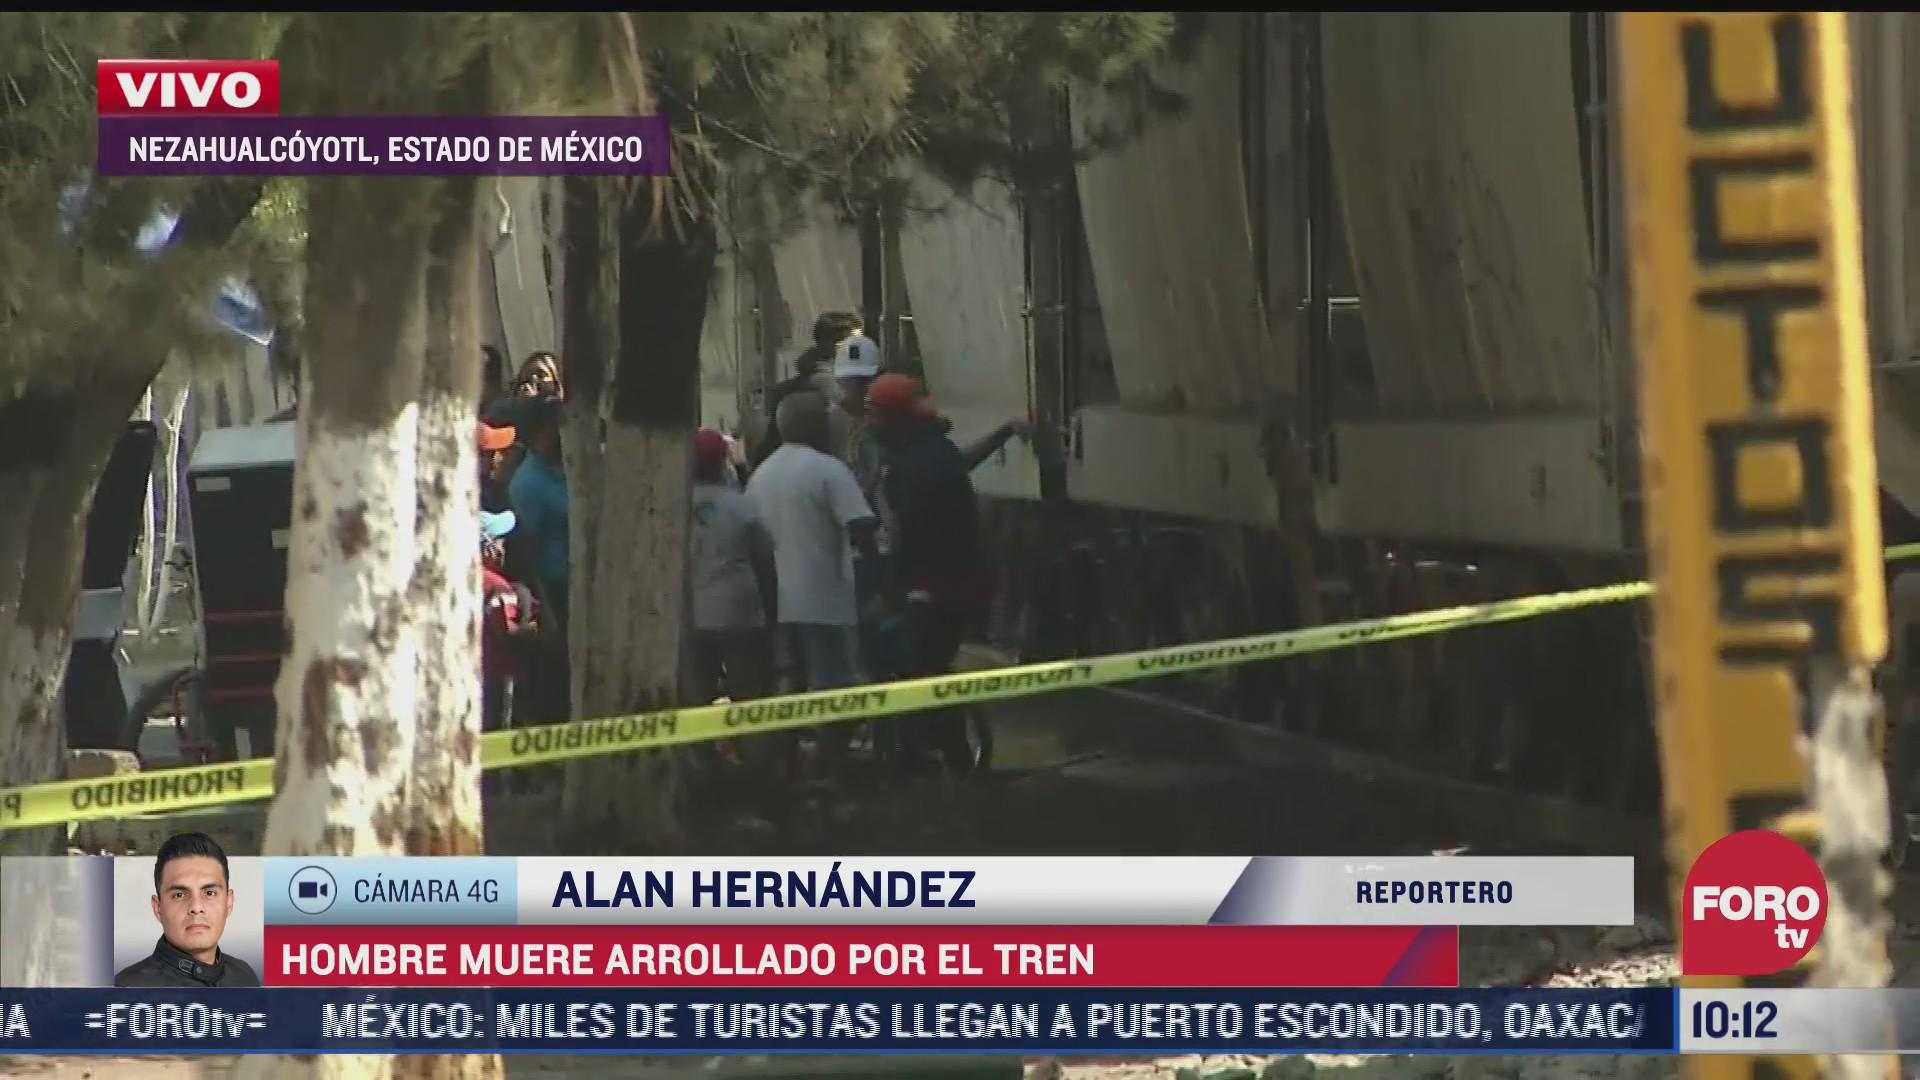 hombre muere arrollado por tren en nezahualcoyotl